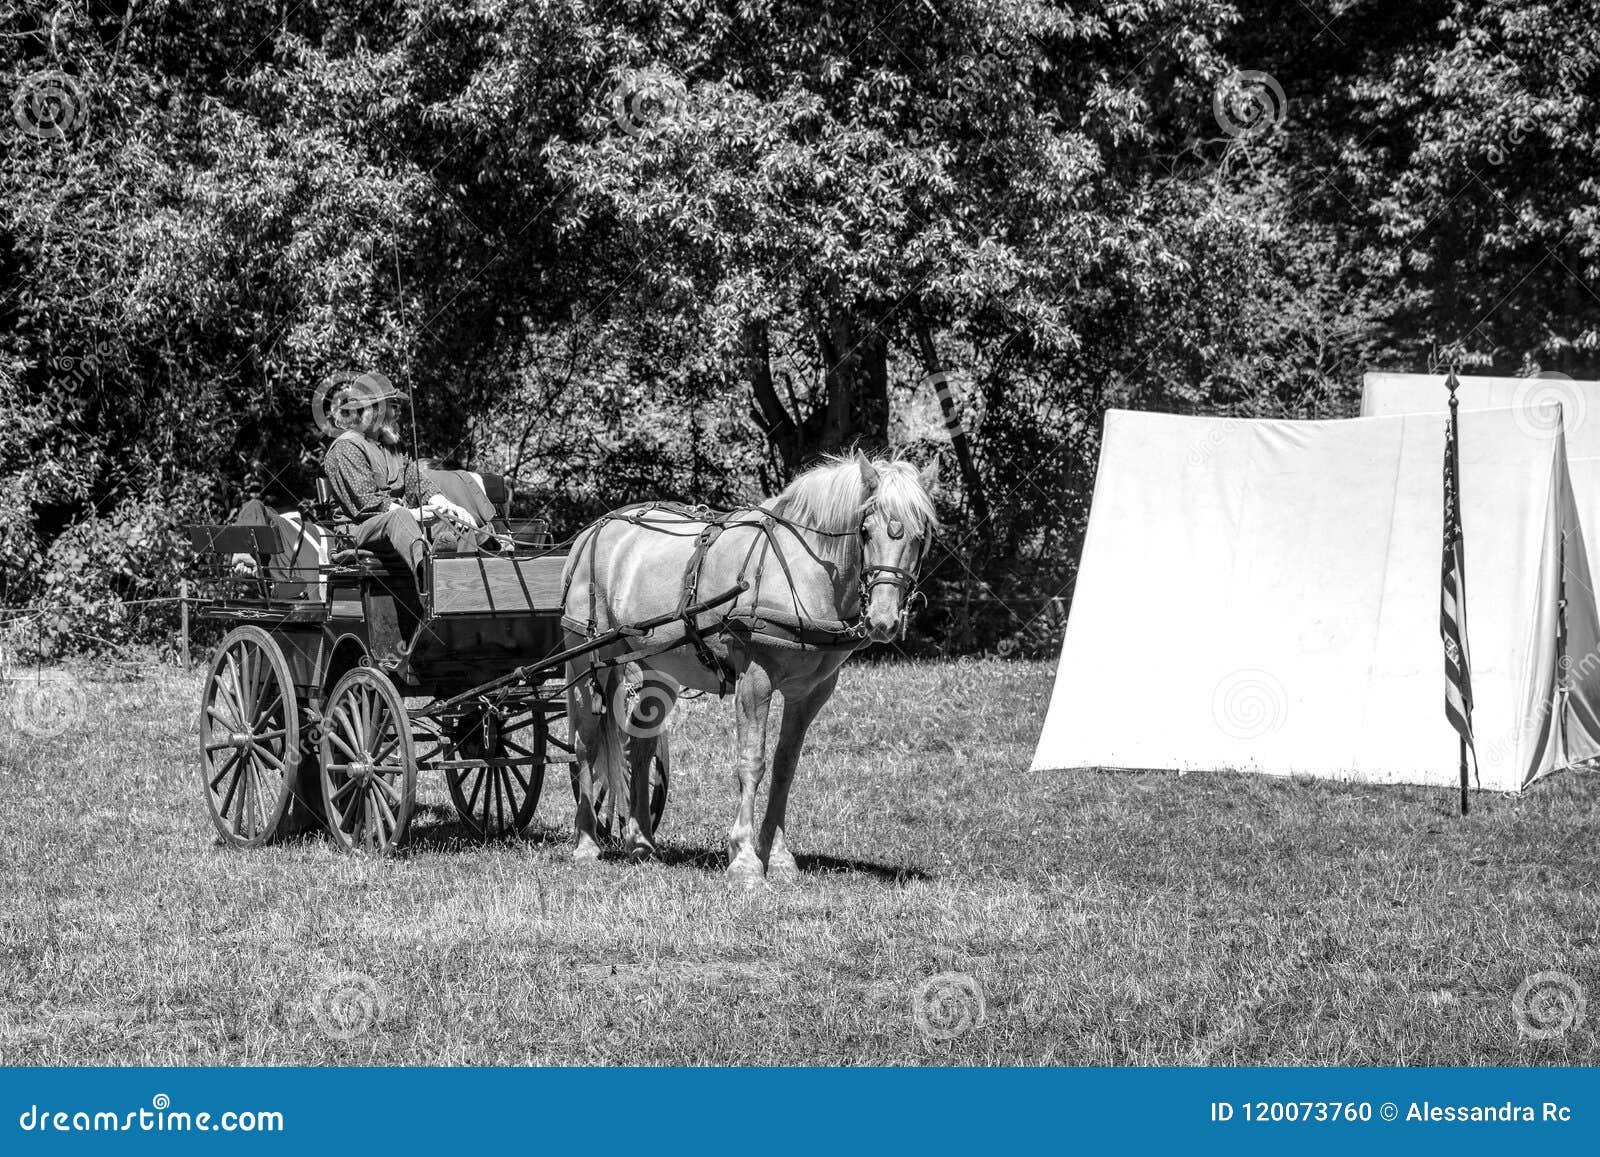 Επαν-enactement εμφύλιου πολέμου στους μύλους Duncans, ασβέστιο, ΗΠΑ